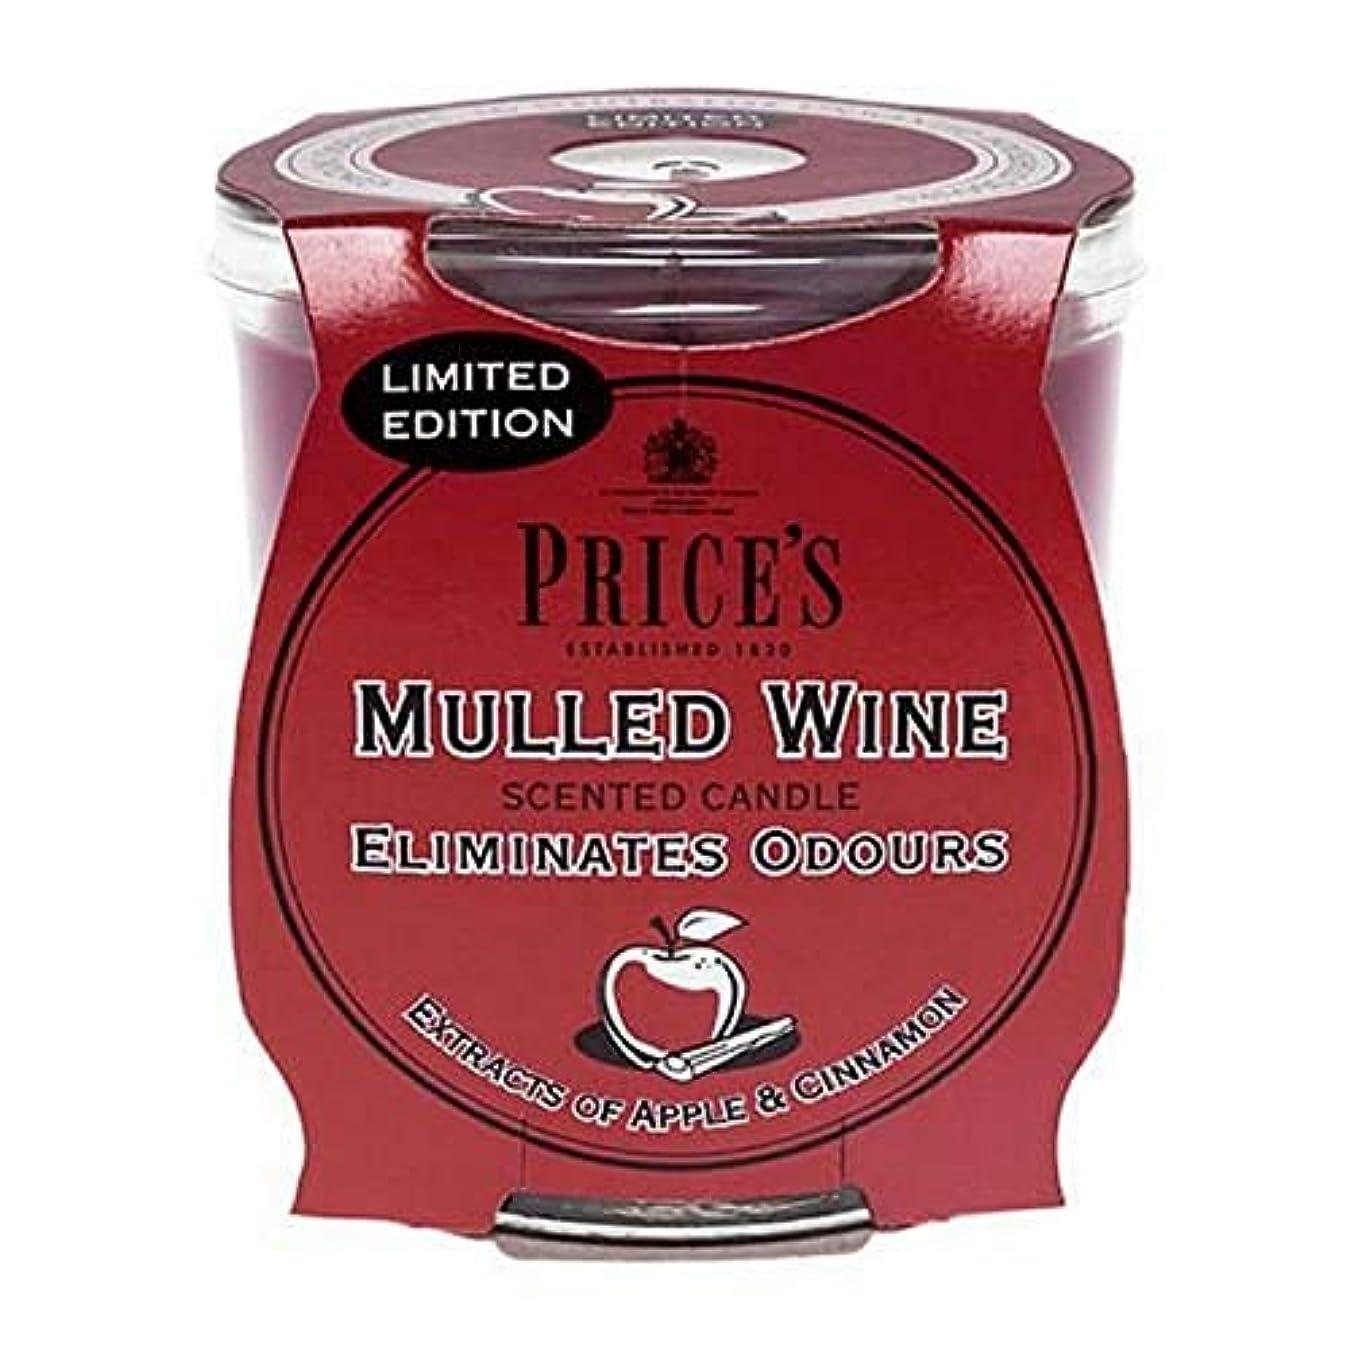 社会責コテージ[Prices ] 価格の遺産は、ワインの香りのキャンドルをグリュー - Price's Heritage Mulled Wine Scented Candle [並行輸入品]